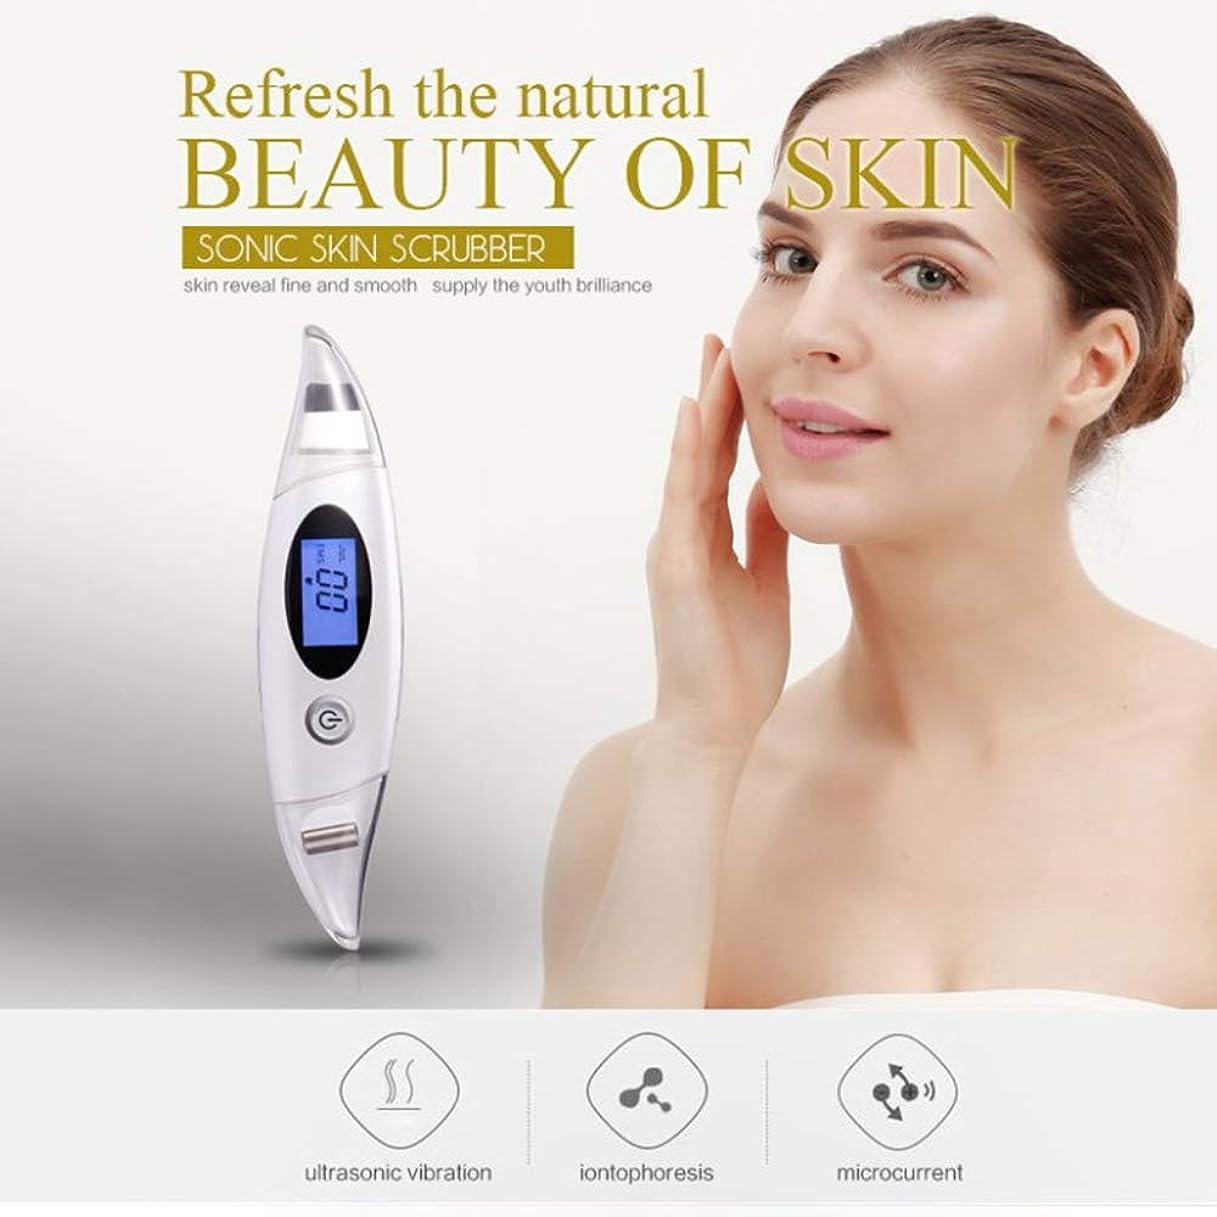 透過性配列お尻しわ除去Rf美容デバイス、顔のクレンジング、リフティング&引き締めデバイス、ディープクレンジング振動美容ツールをきつく締めるフェイスリフティングスキン